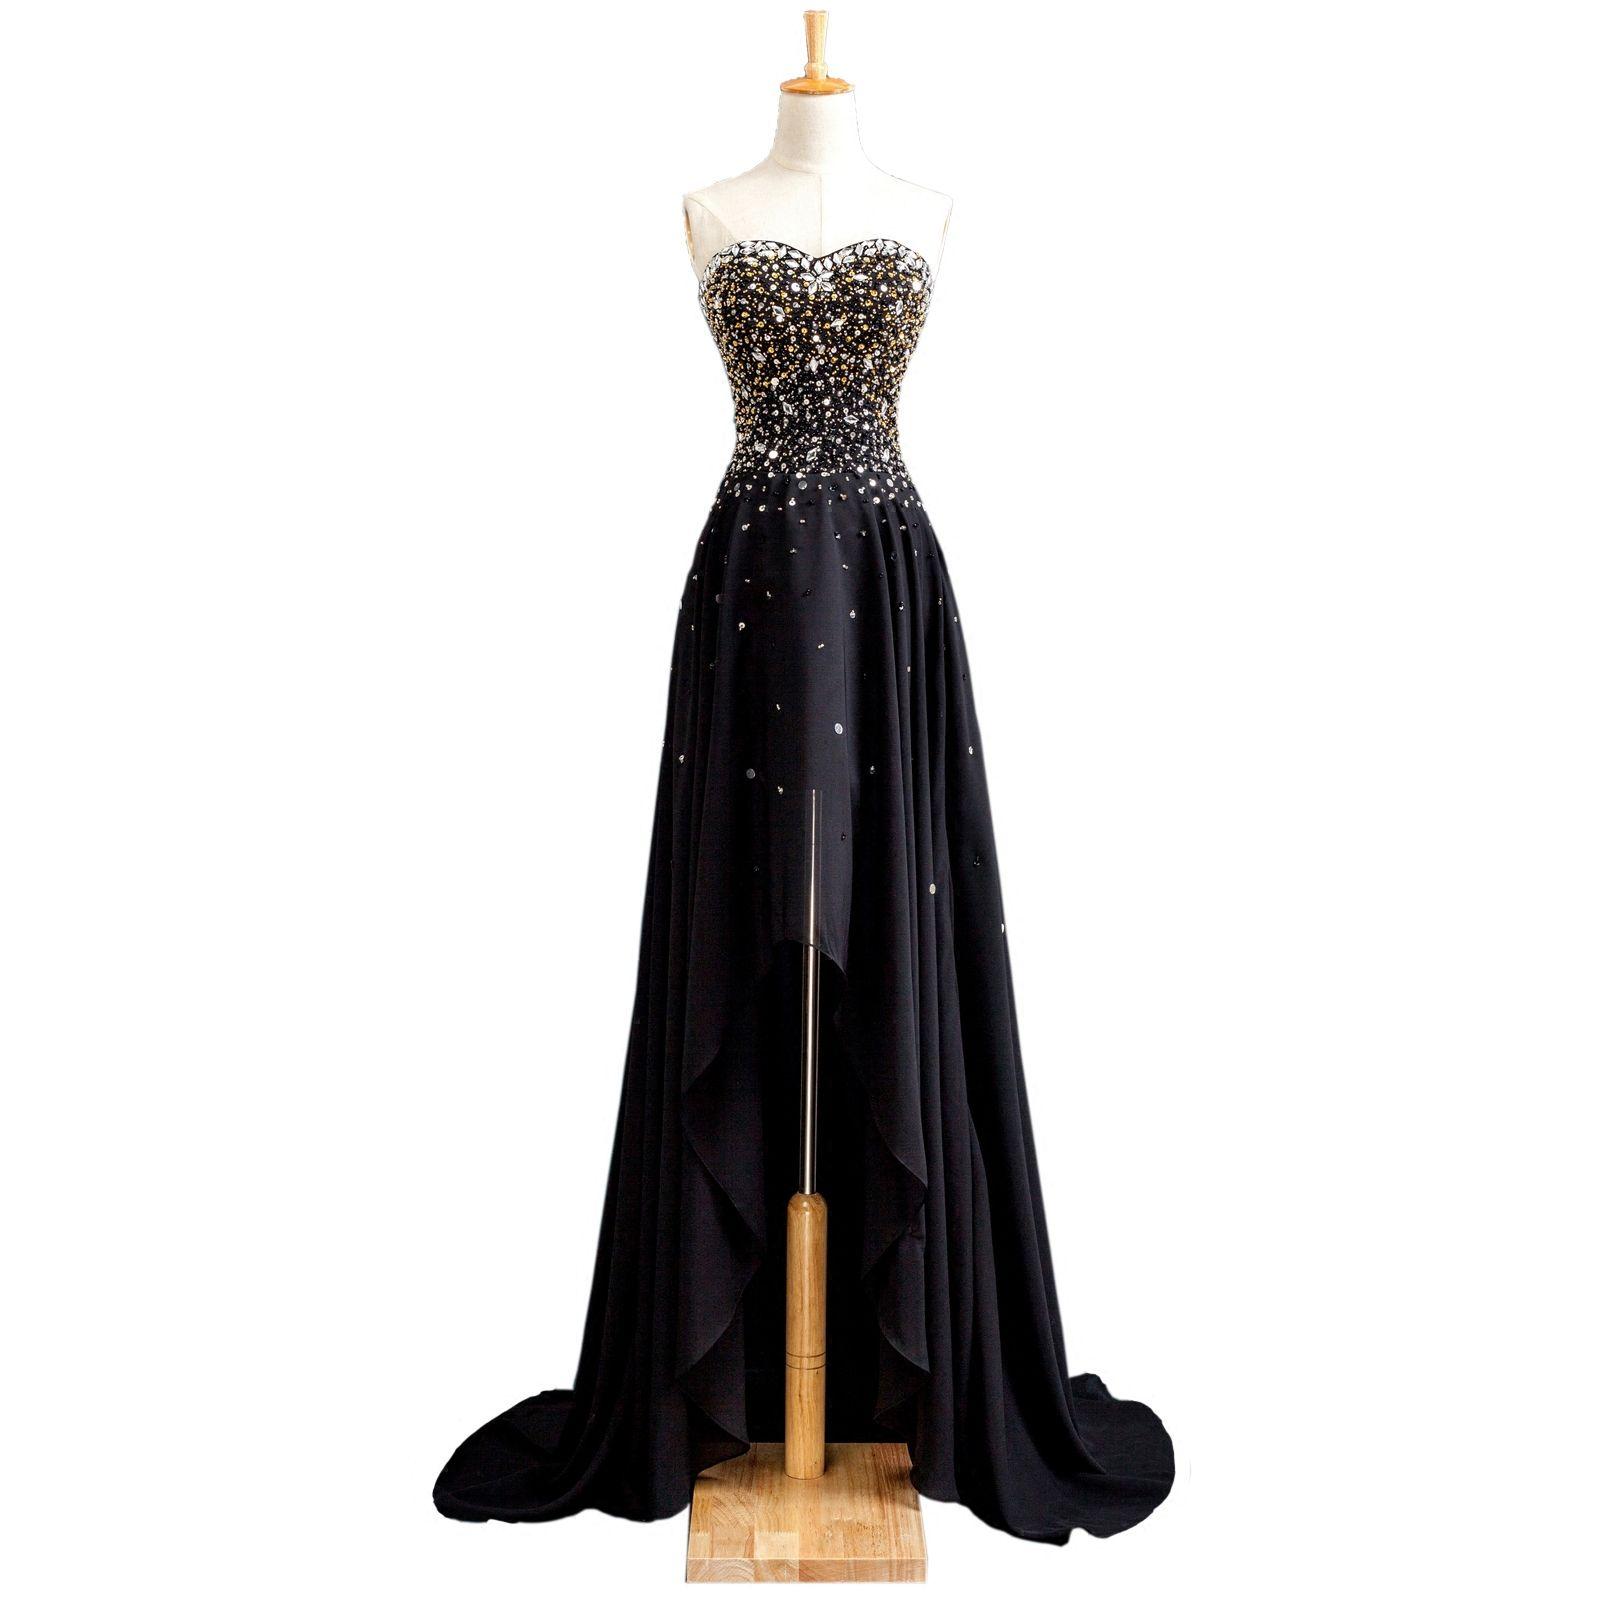 파란색 된 연인 시폰 댄스 파티 드레스 2019 새로운 높은 낮은 파티 드레스 블랙 댄스 파티 가운 레이스 업